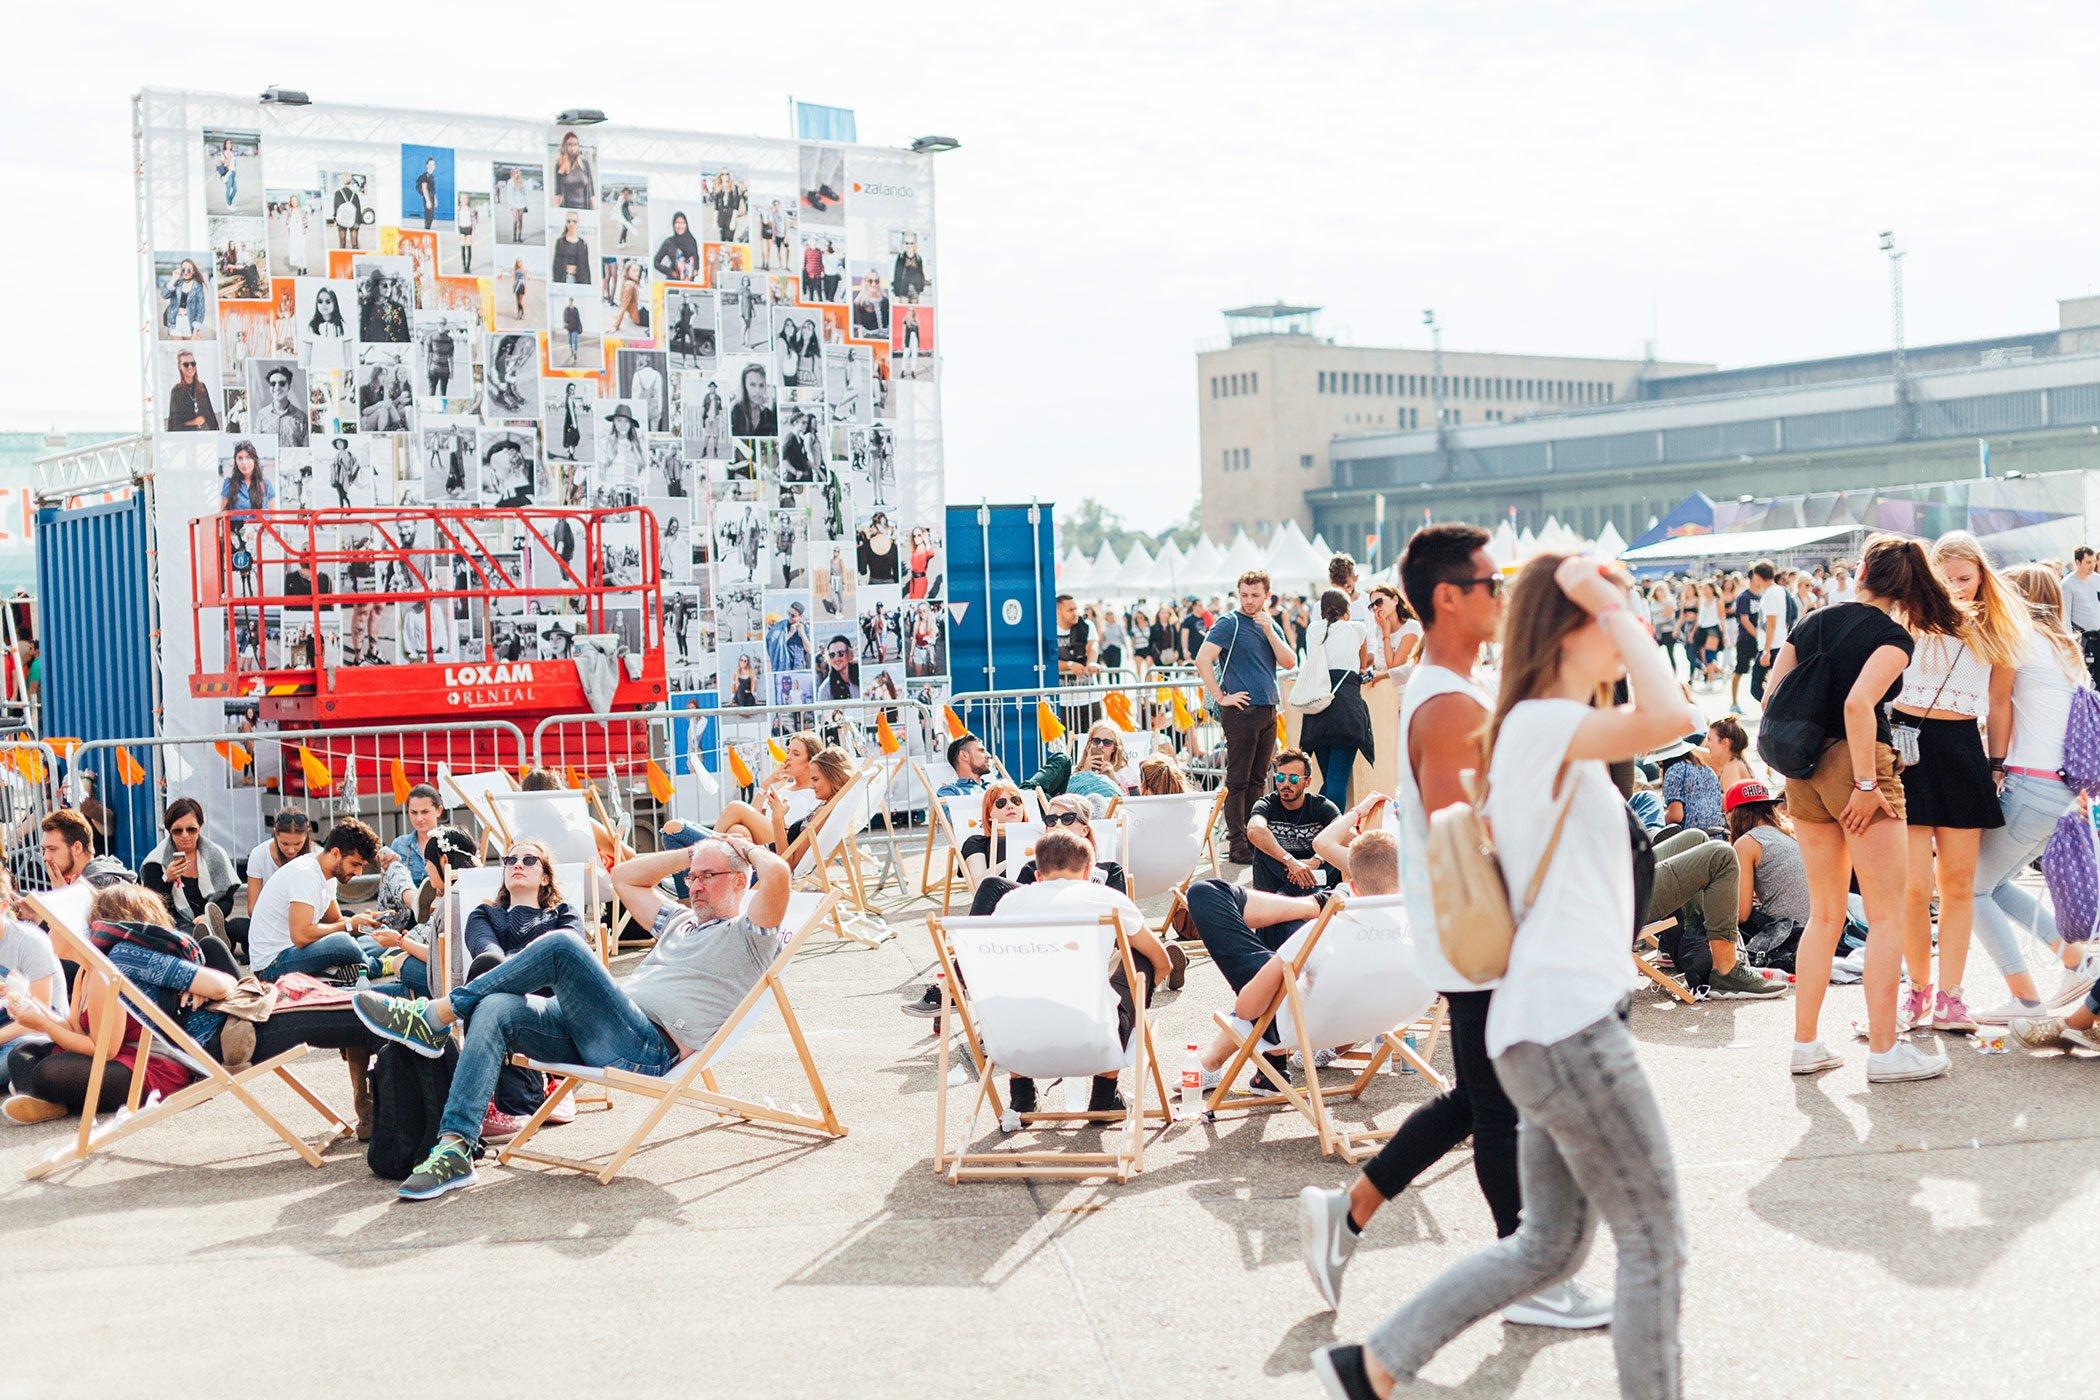 lollapalooza-festival-berlin-31